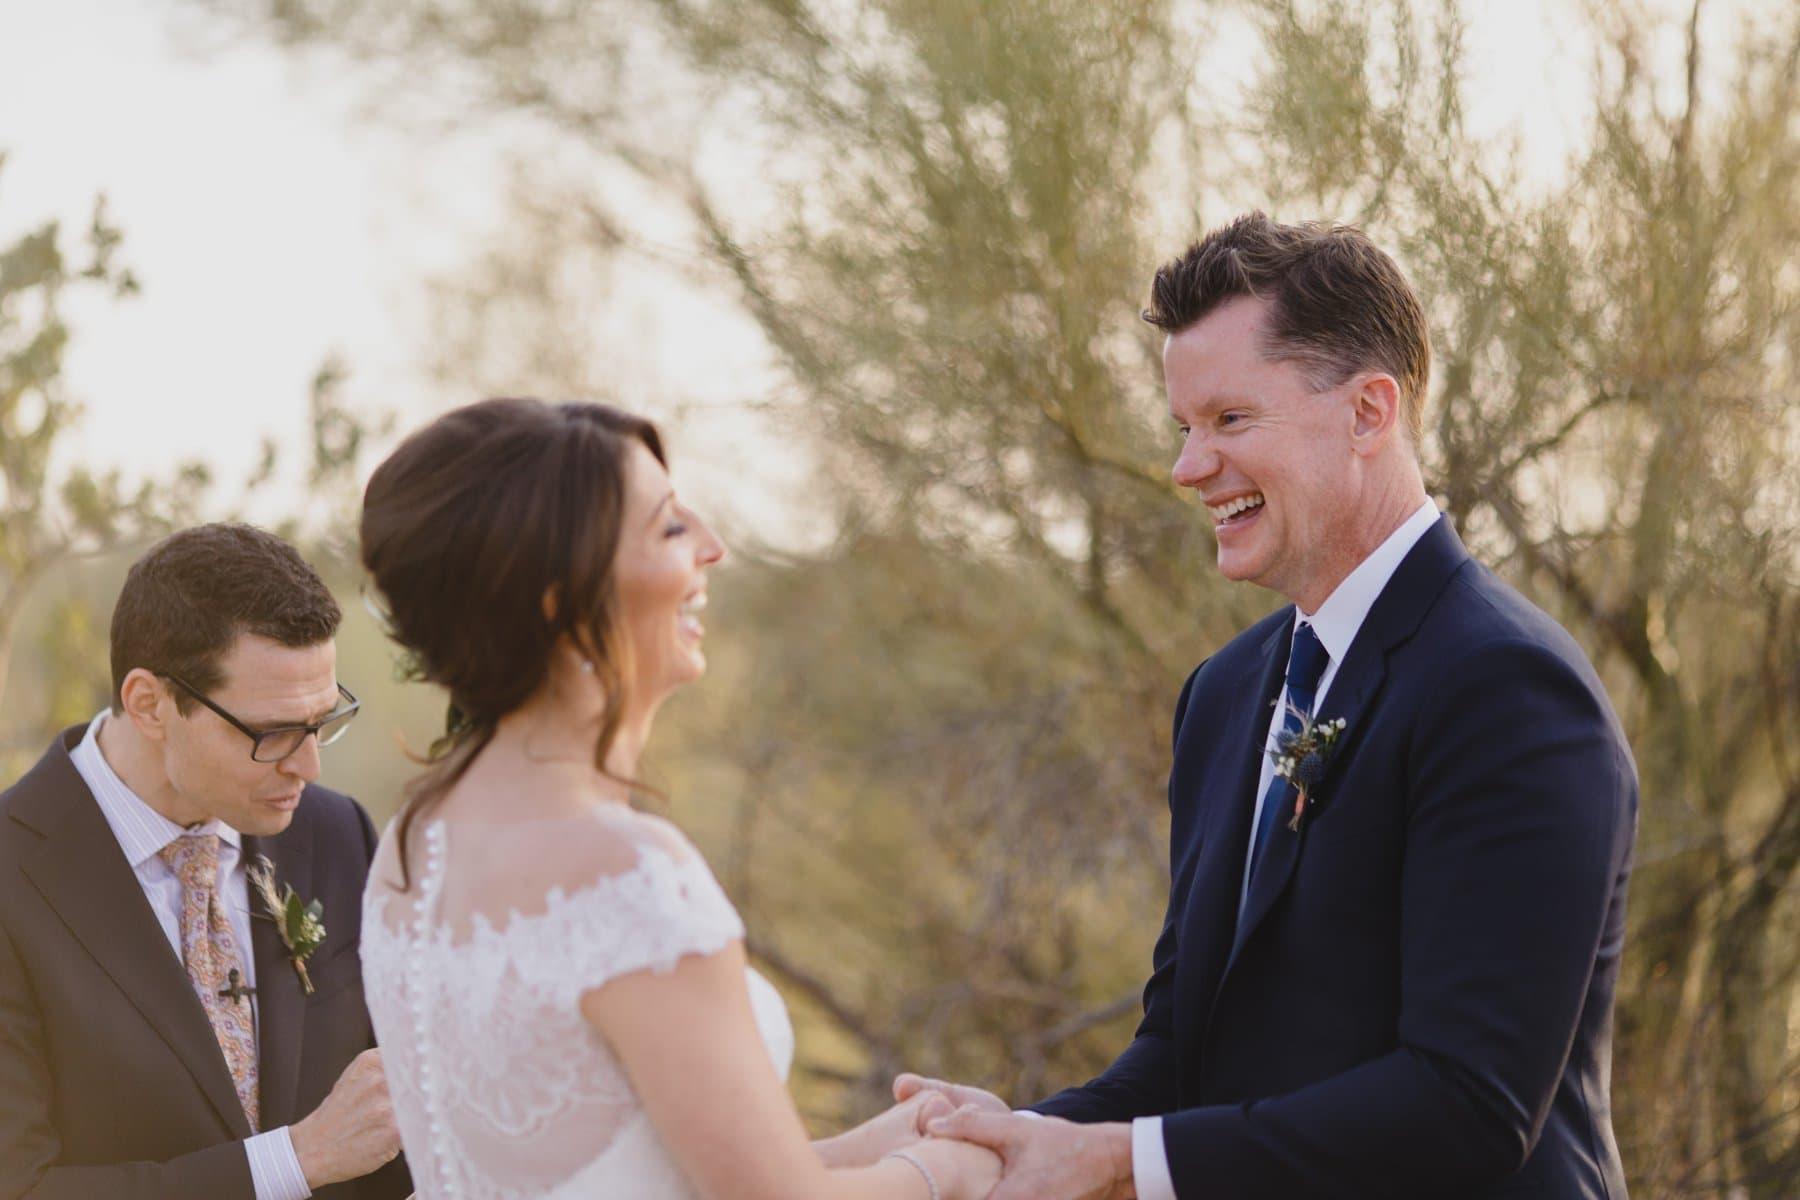 candid moment in elopement in Arizona desert